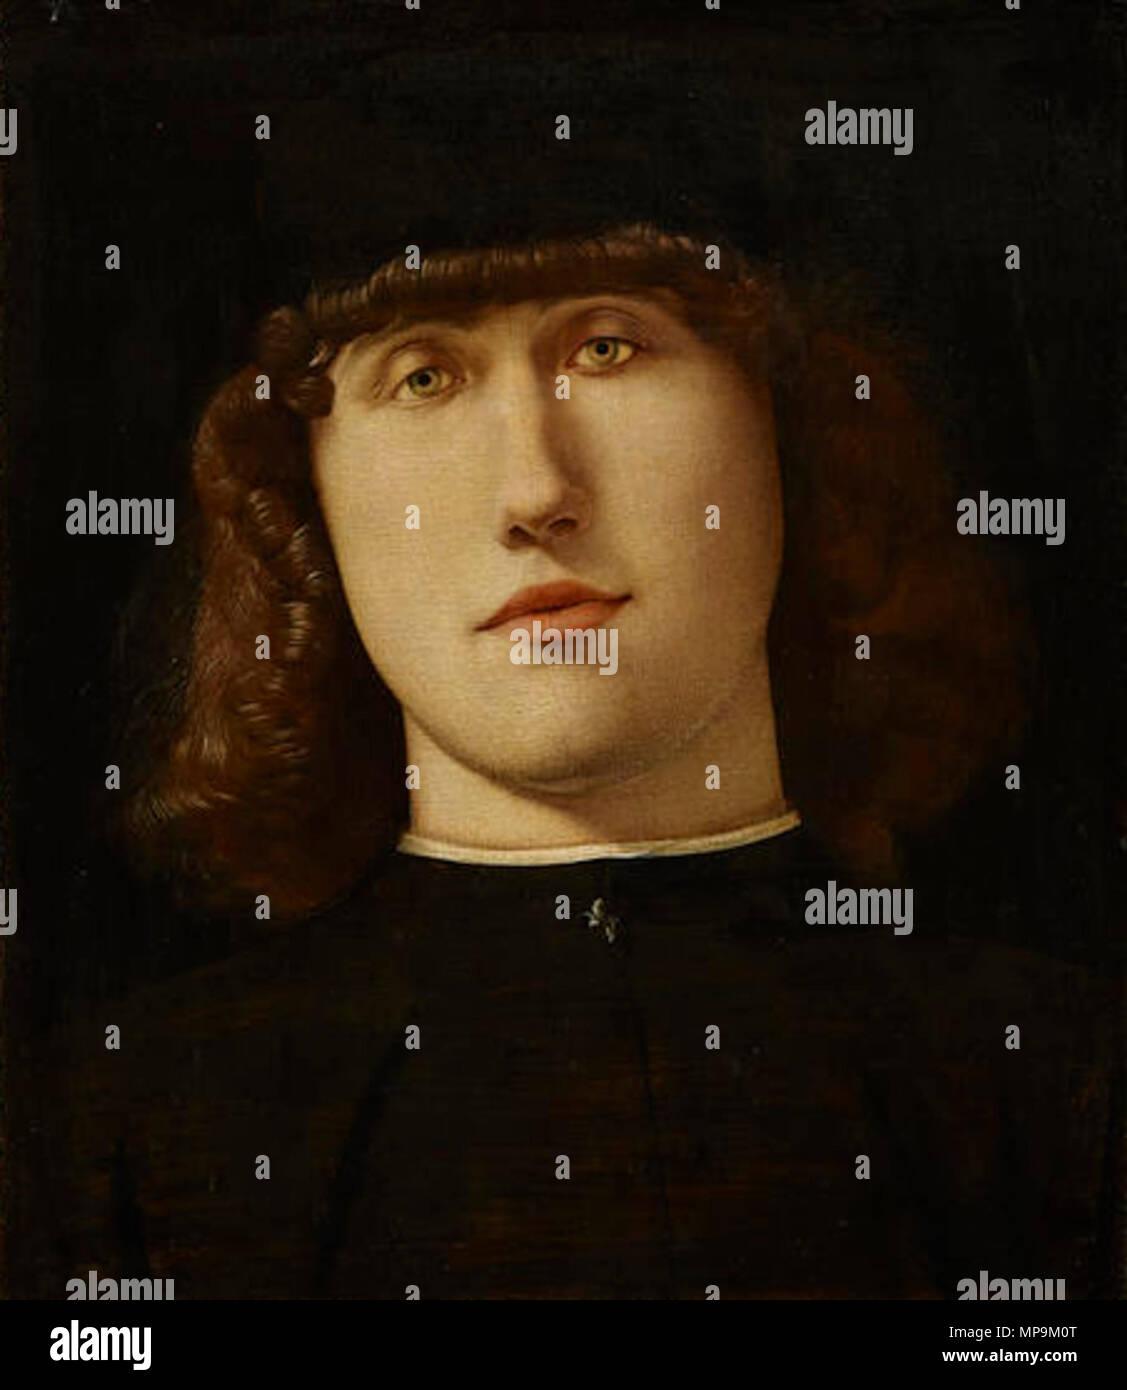 . Young Man . 1500.   Lorenzo Lotto (1480–)   Description Italian painter and fresco painter  Date of birth/death circa 1480 1556 / 1557  Location of birth/death Venice Loreto  Work location Recanati (1506-1508), Venice (1500), Treviso (1503-1506), Rome (1509-1512), Bergamo (1513-1525), Venice (1513-1517), Treviso (1525-1527), Venice (1527-1529), Loreto, Venice (1529-1539), Treviso (1540-1549), Ancona (1549), Loreto (1556)  Authority control  : Q310973 VIAF:22165049 ISNI:0000 0001 2320 0265 ULAN:500015631 LCCN:n50042418 NLA:35692463 WorldCat 819 Lorenzo Lotto - Young Man - Stock Image